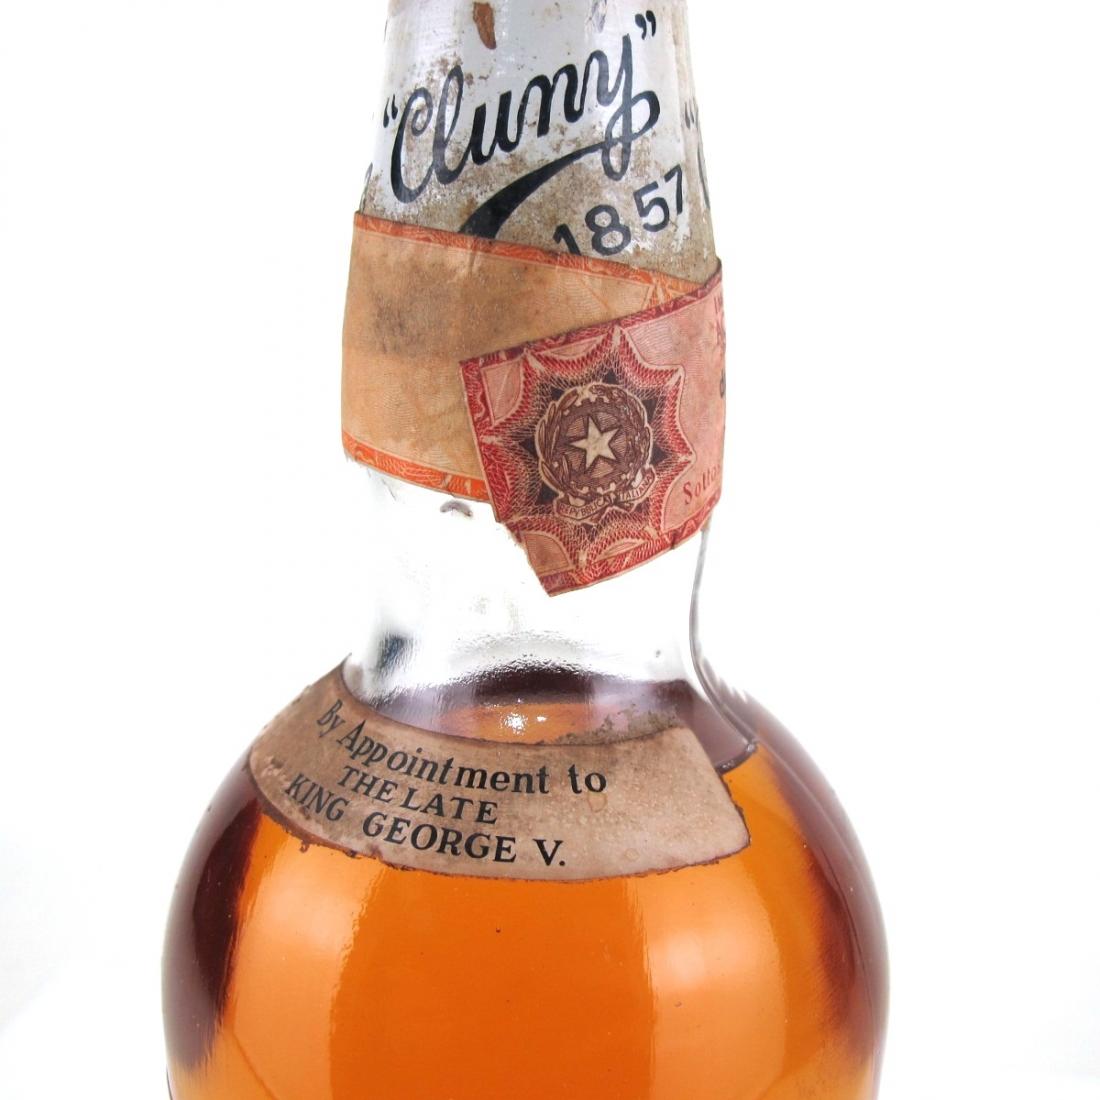 Cluny Blended Scotch Whisky 1950s